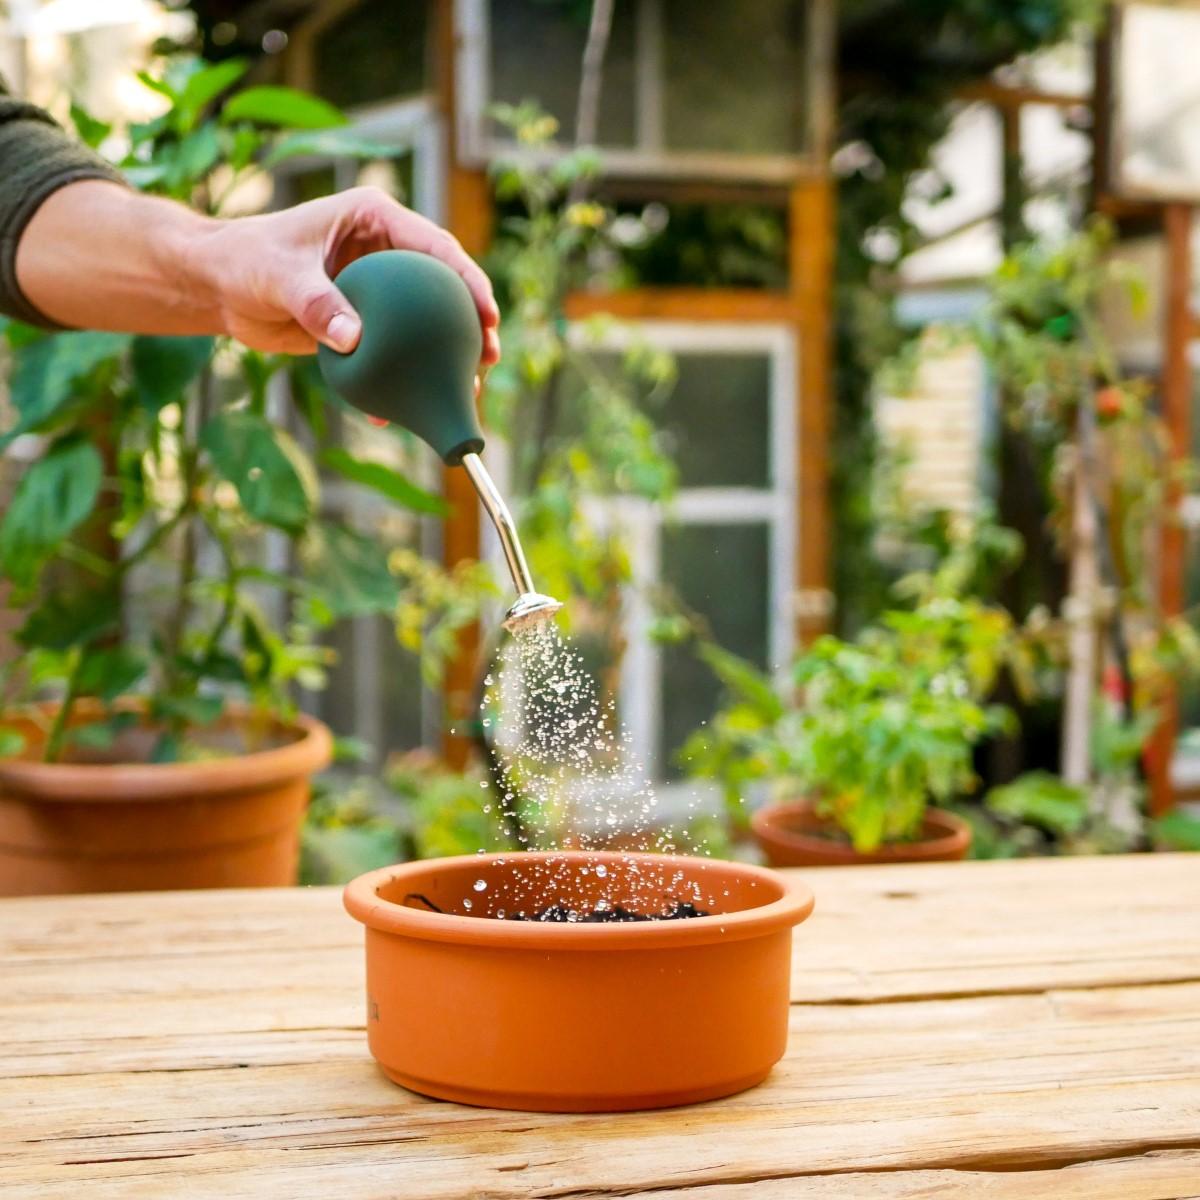 Ballbrause zum Gießen von Pflanzensetzlingen gießt Wasser über eine Anzuchtschale aus Ton